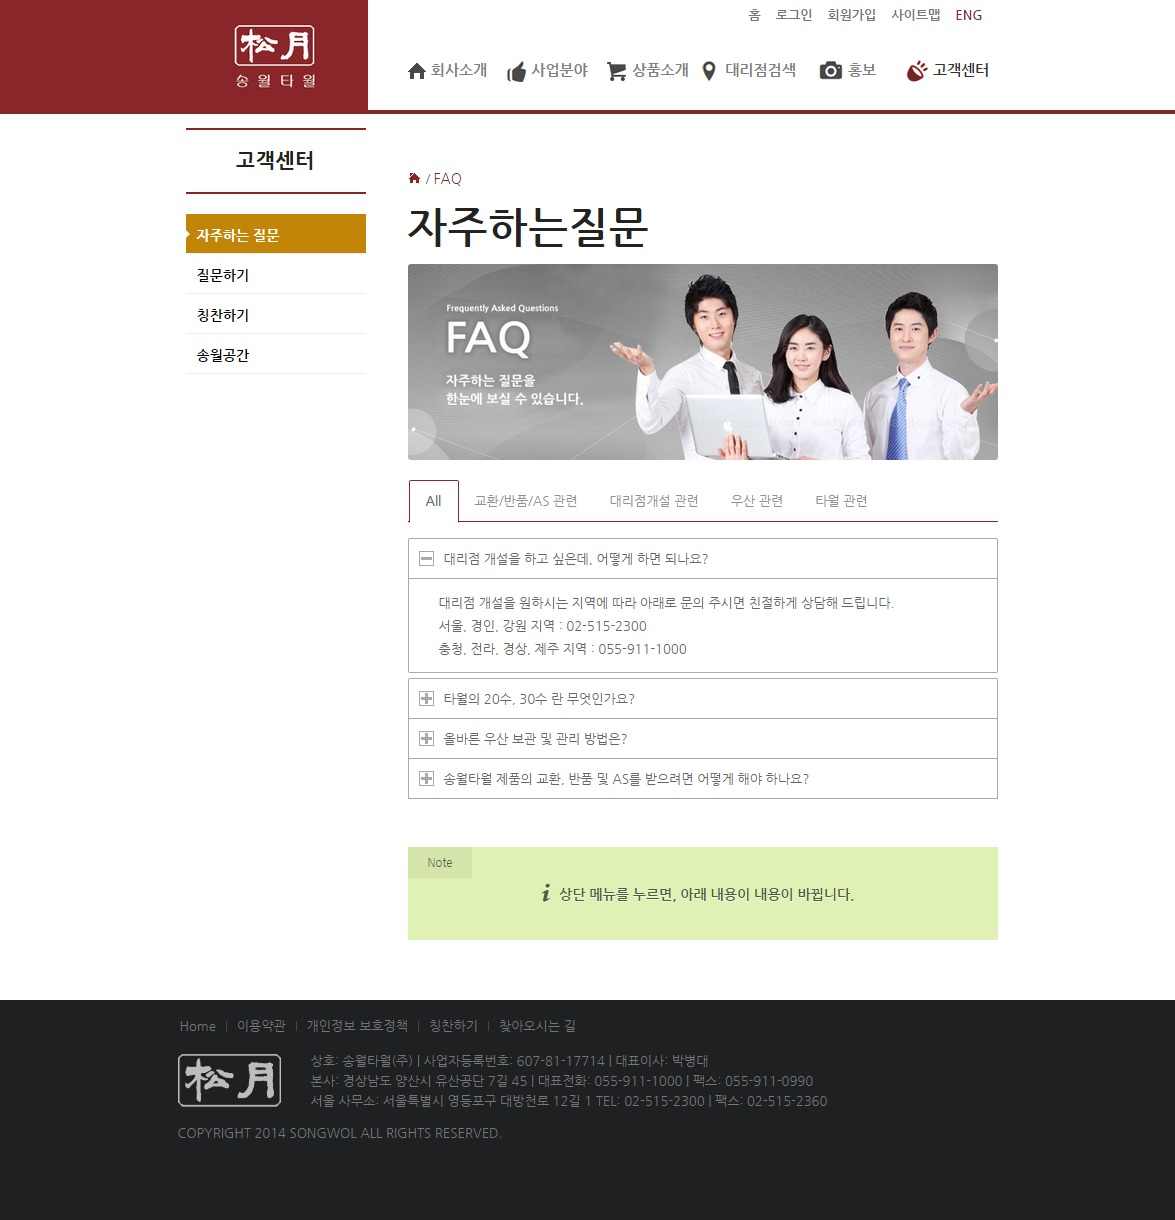 송월타월FAQ